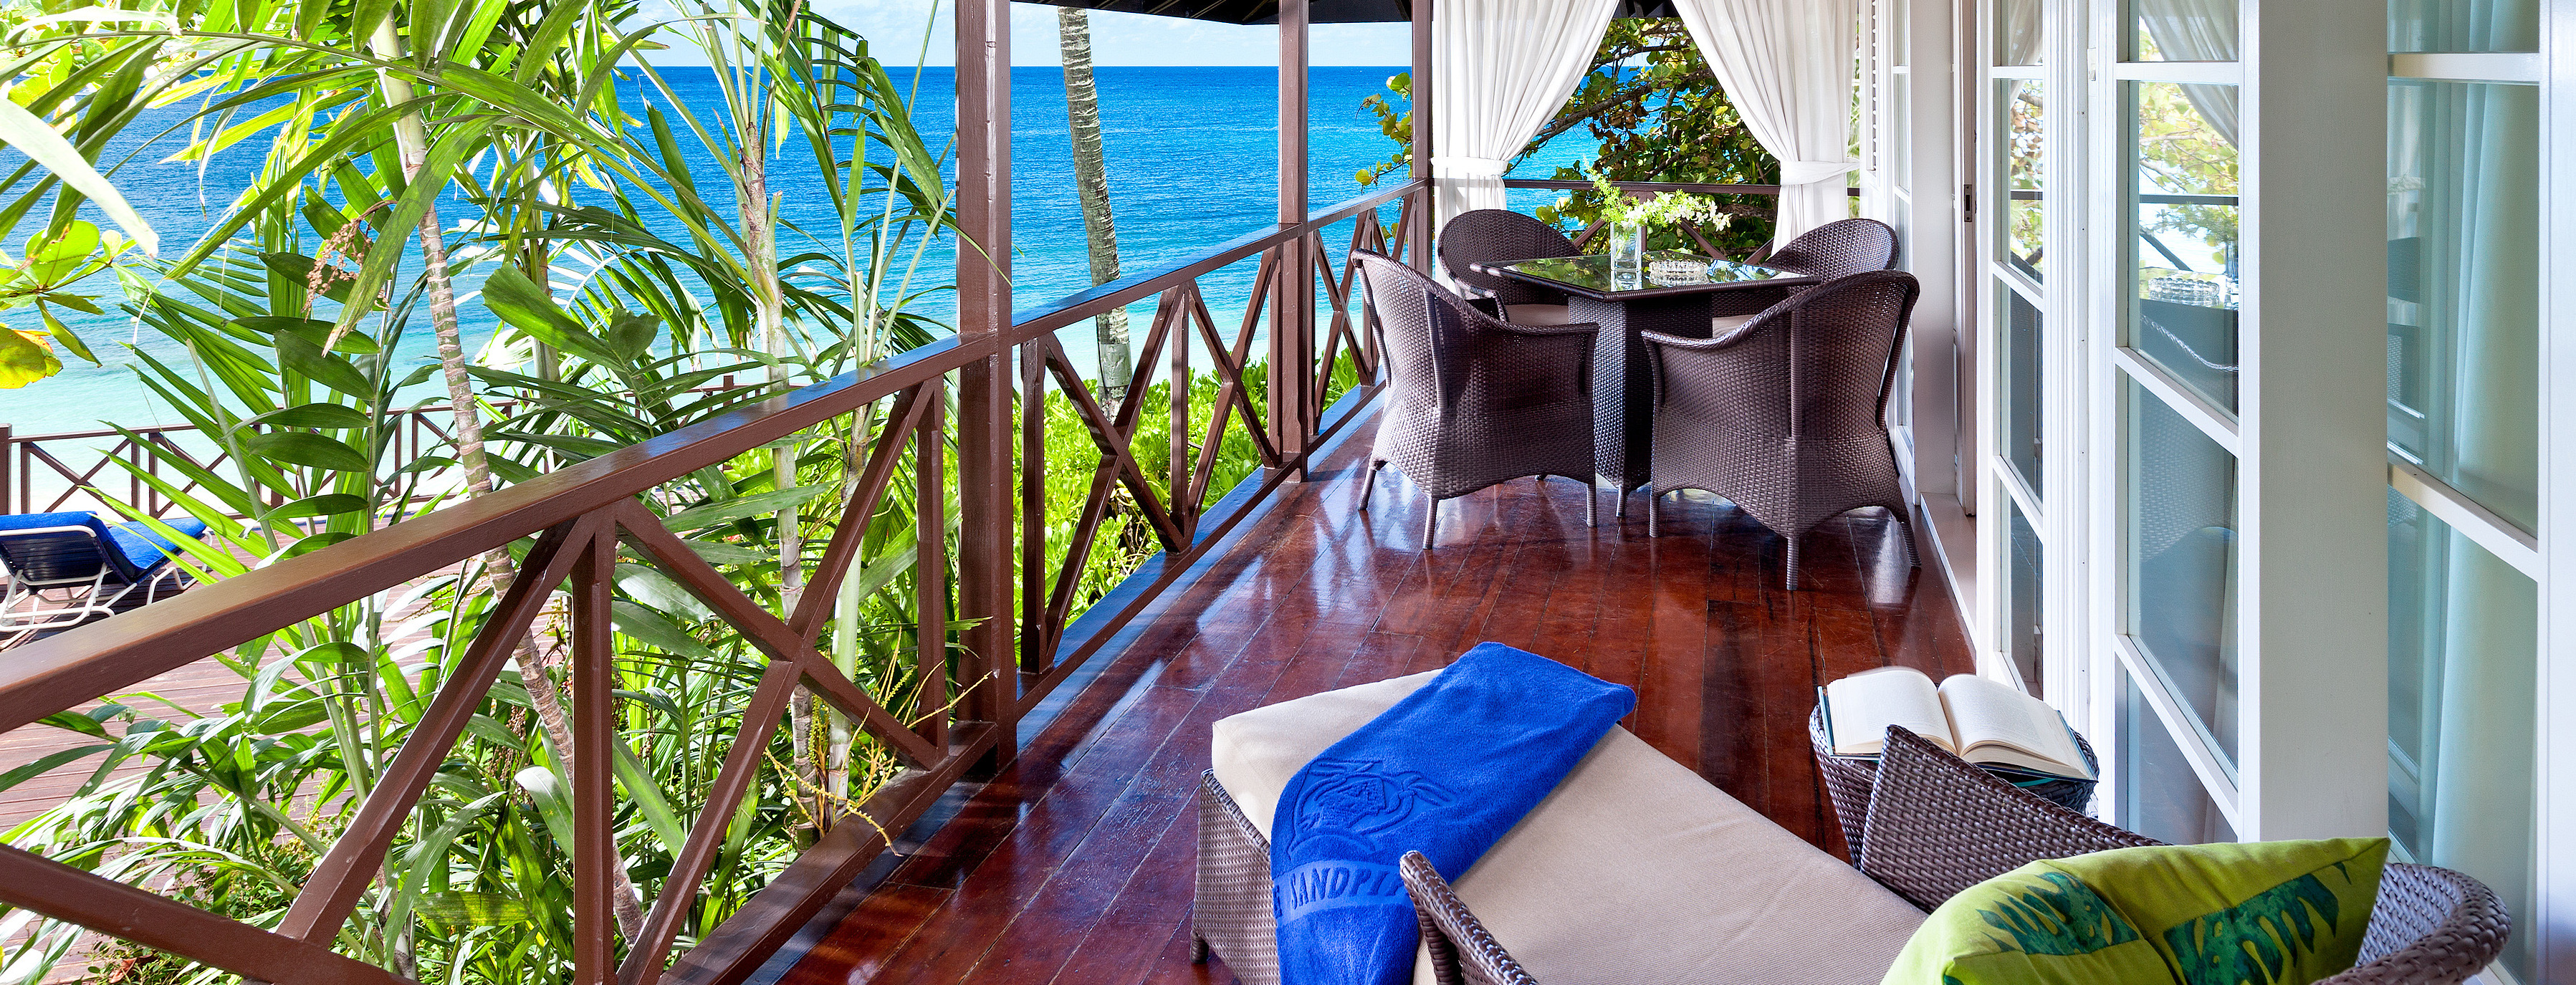 the-sandpiper-barbados-suite-balcony